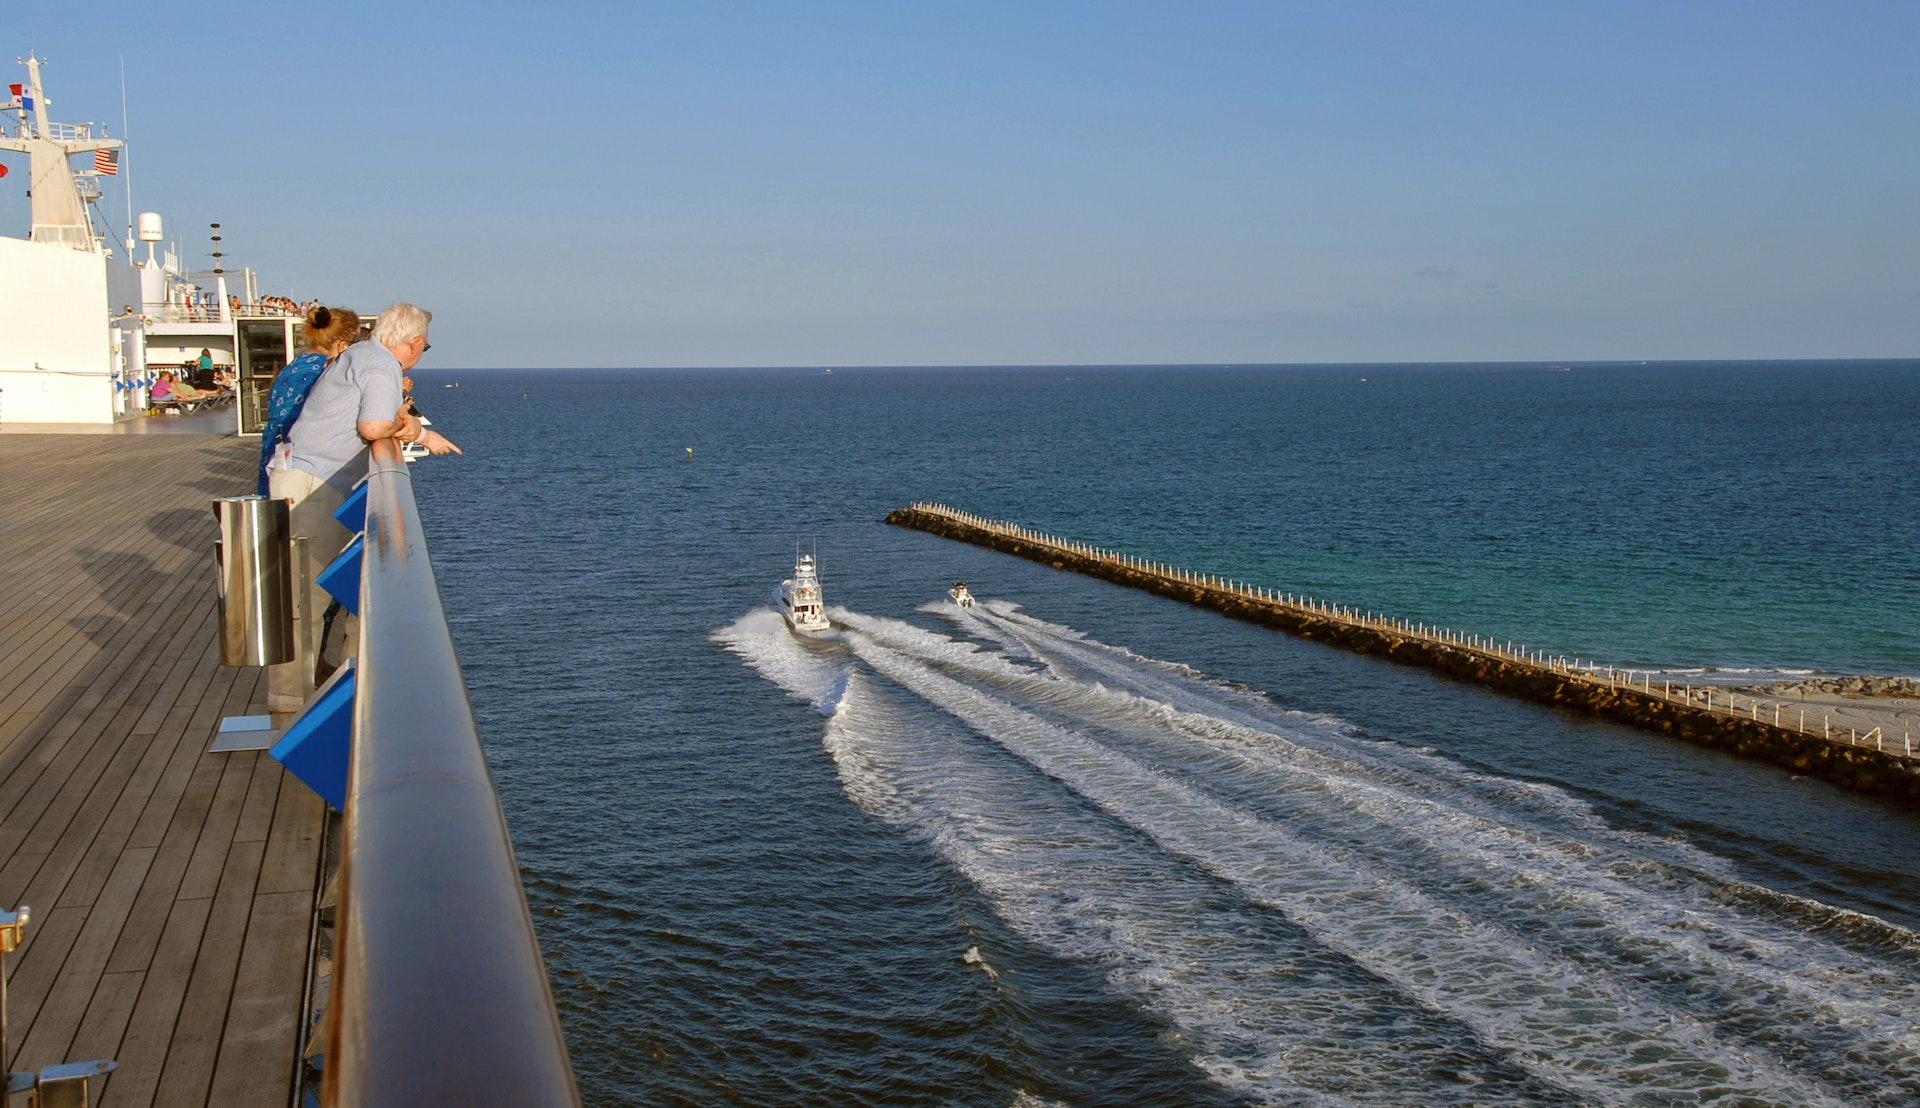 Om bord på skipet i Fort Lauderdale havn © ajbarr, Pixabay